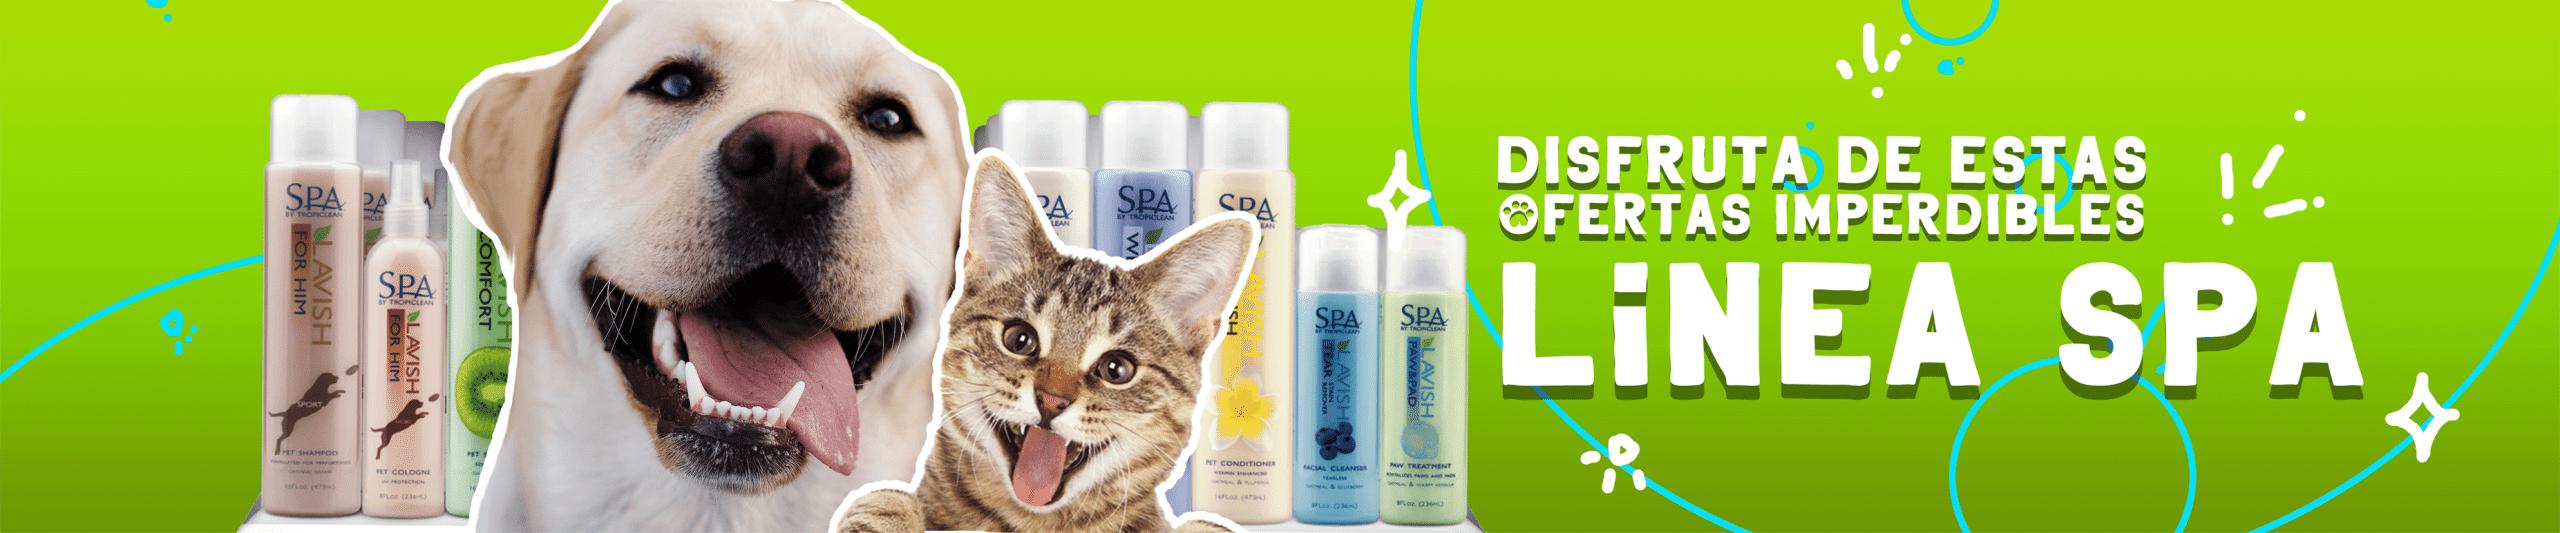 ofertas imperdibles en shampoo para perros y gastos.